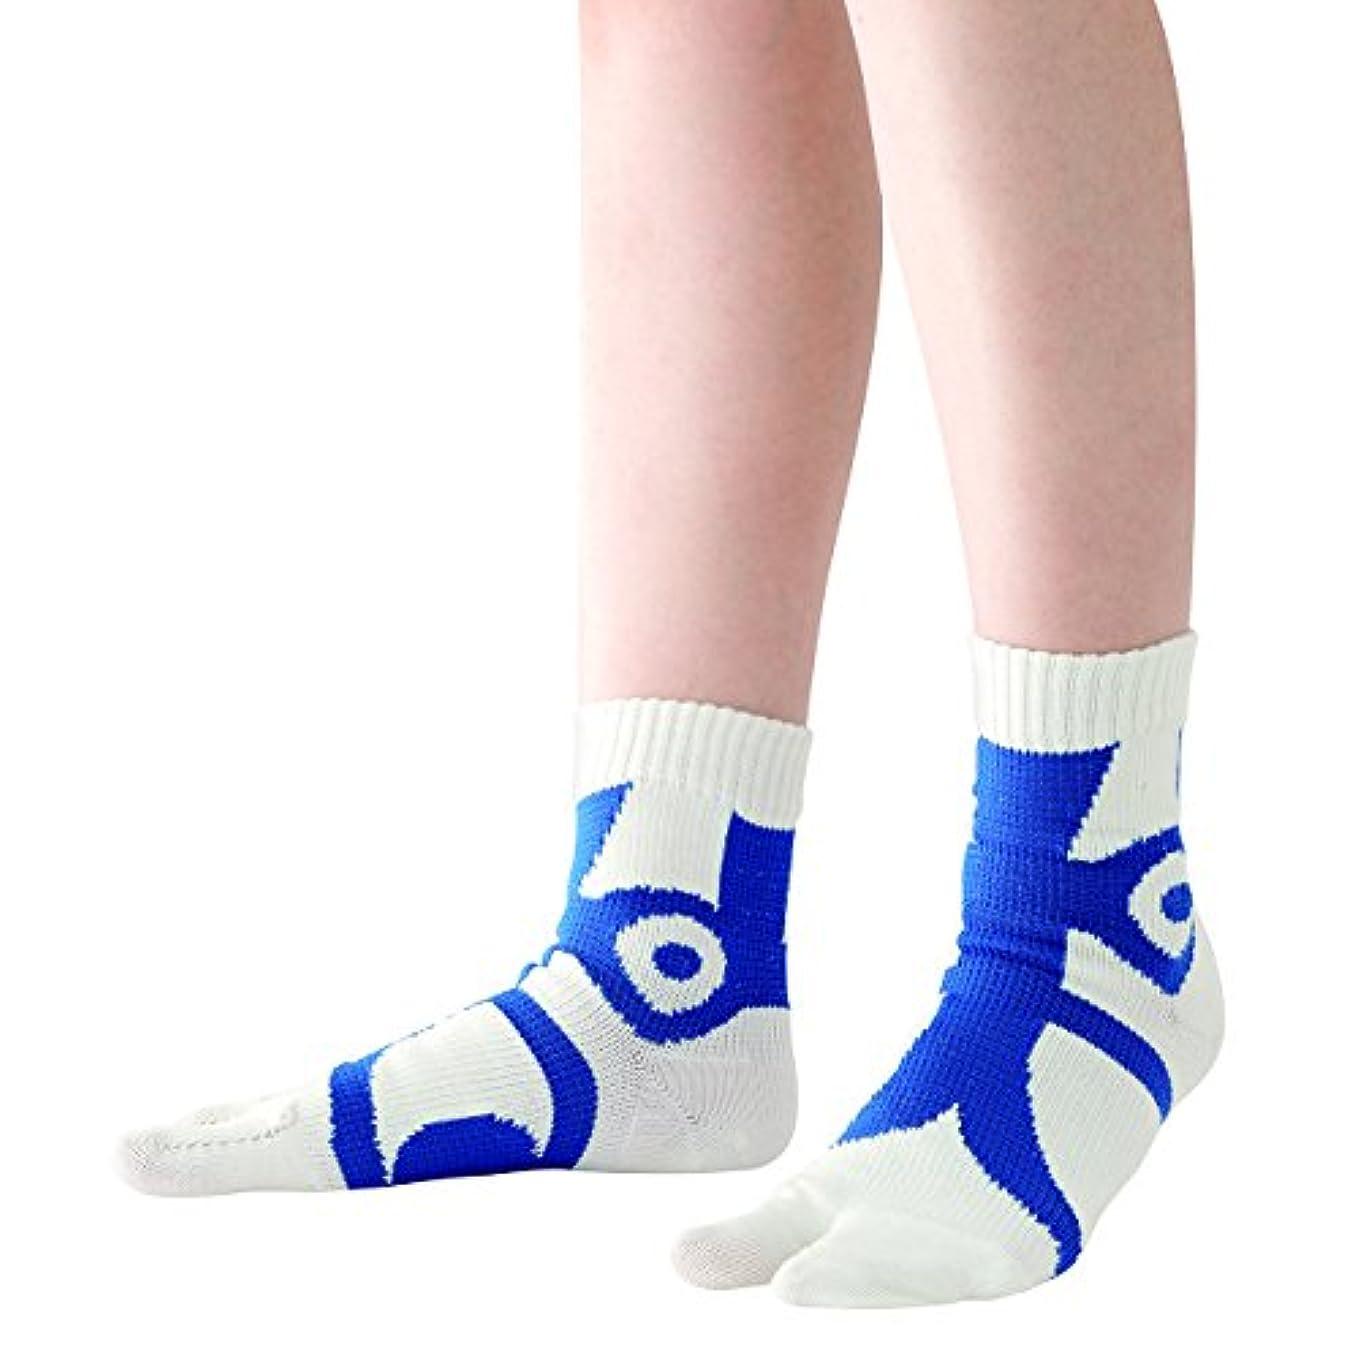 想定署名以降快歩テーピング靴下 ホワイト×ブルー